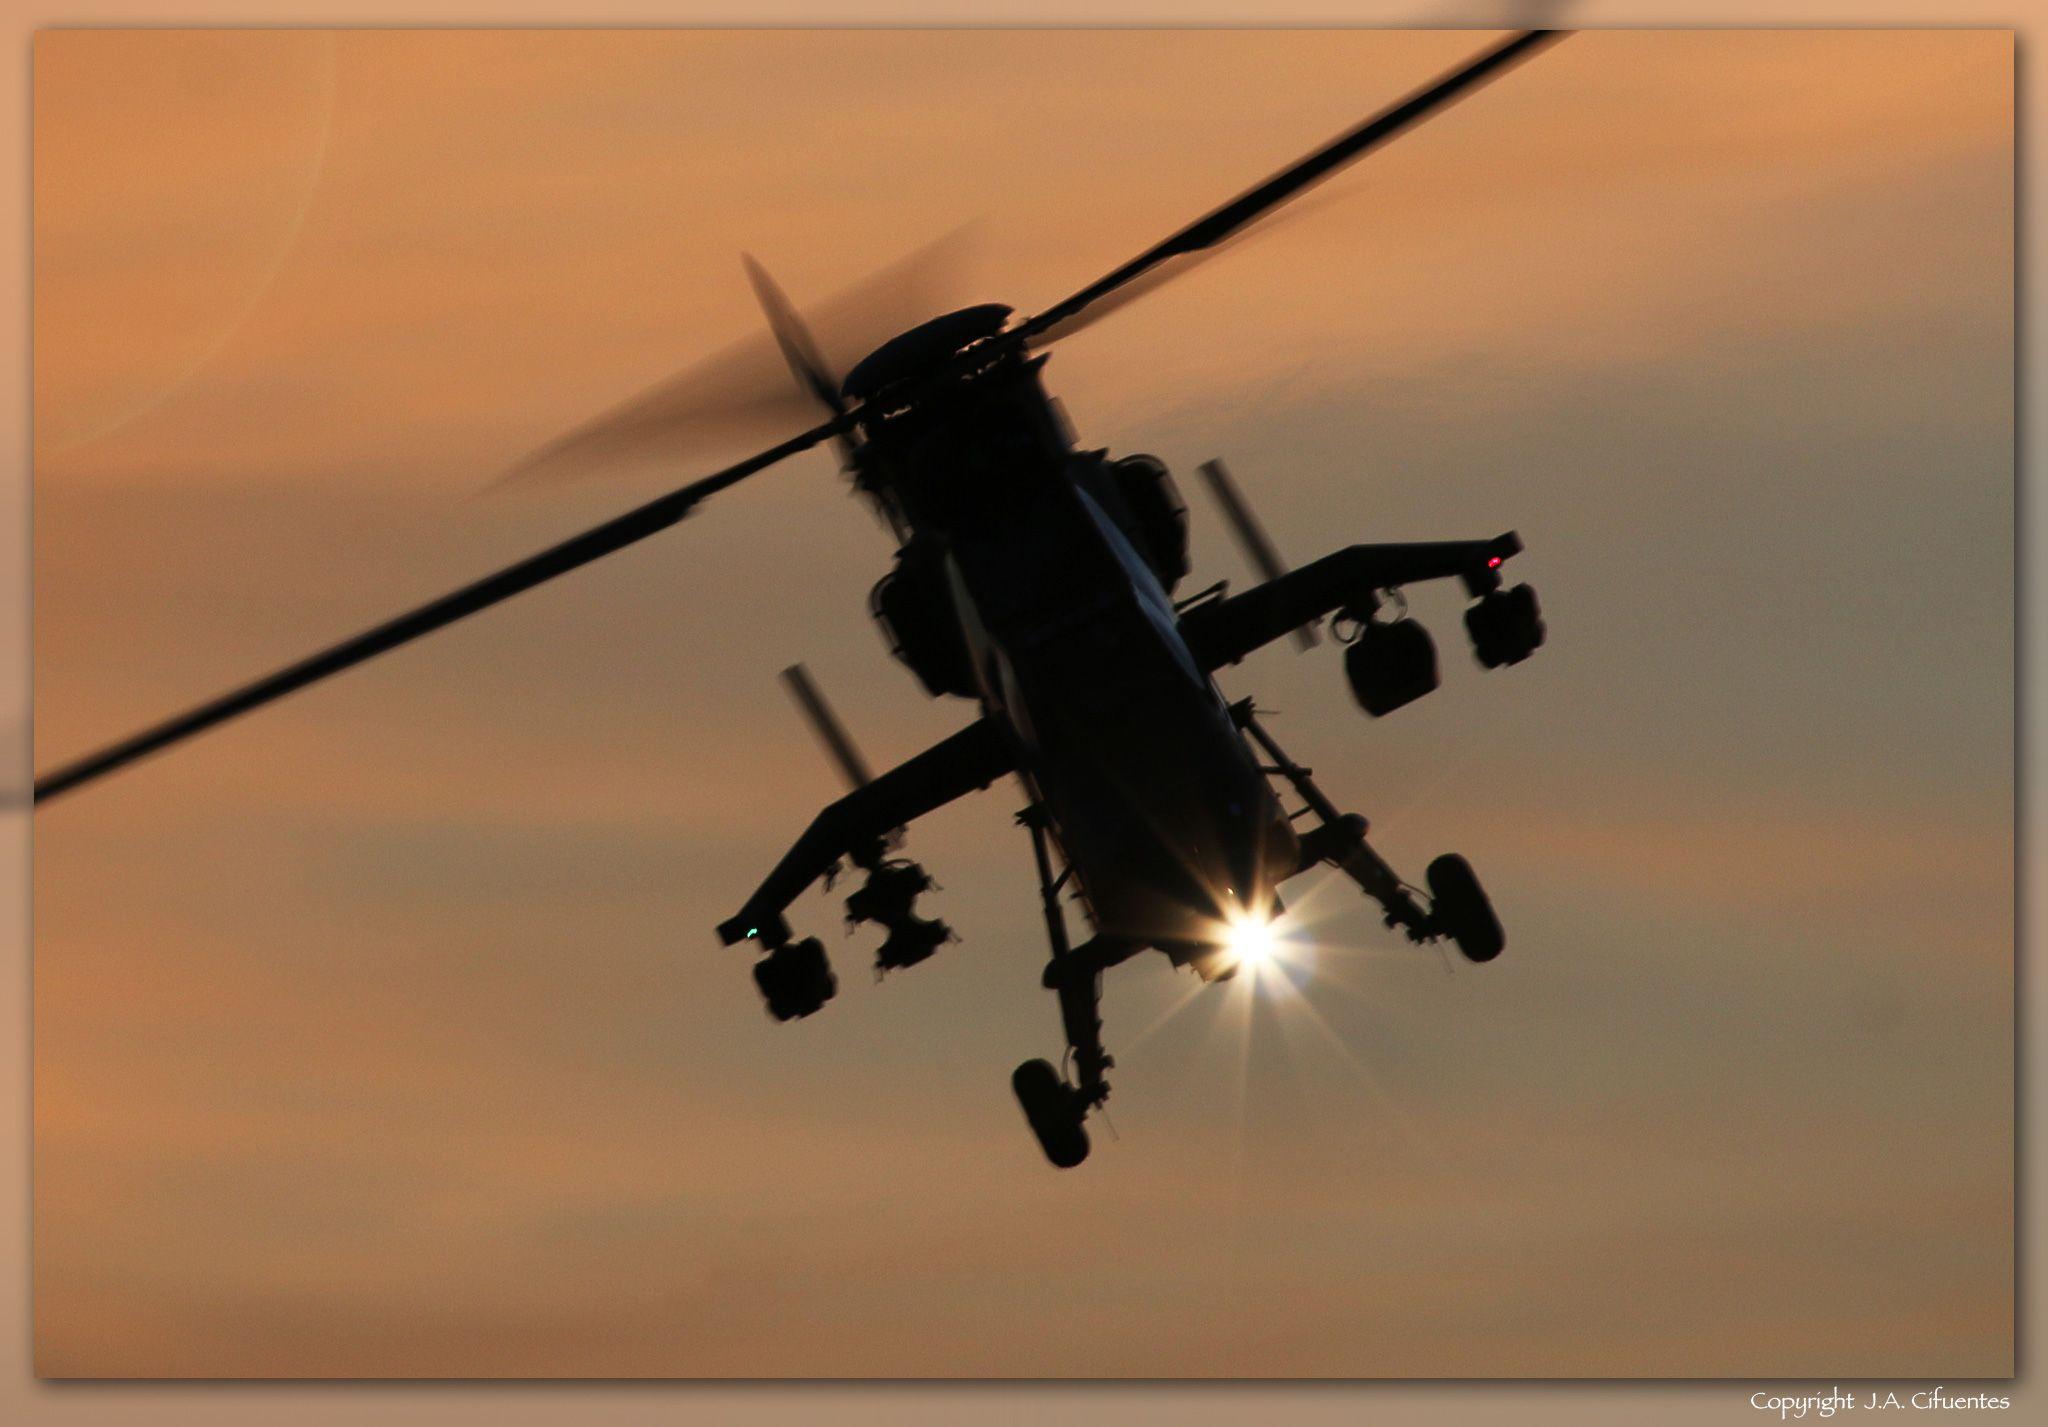 urocopter EC665 Tigre de las FAMET del Ejercito de Tierra.